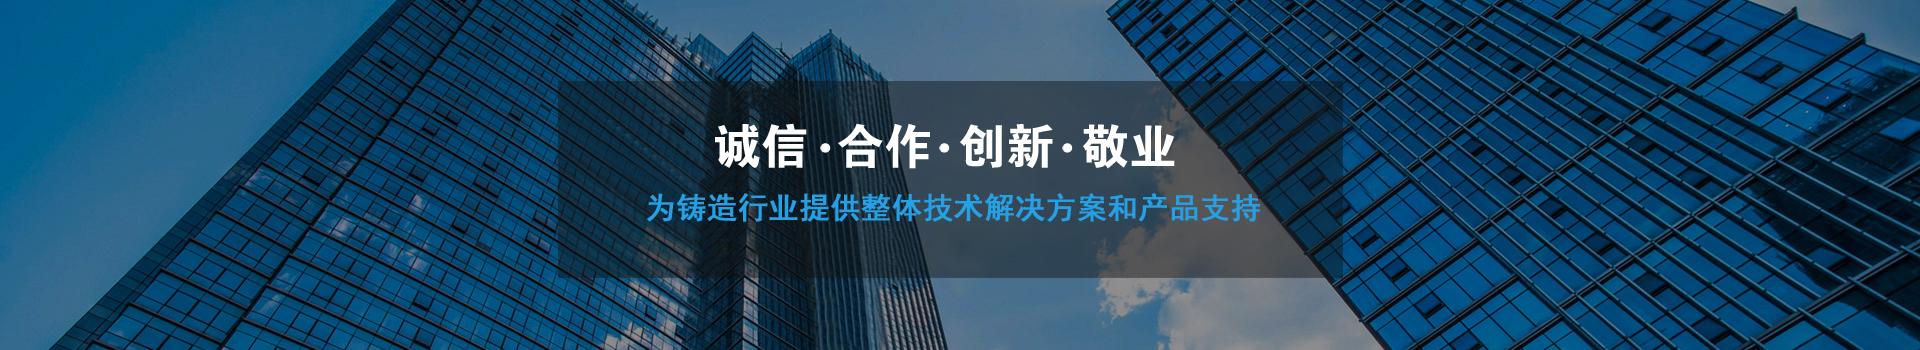 http://www.chinahenglilai.com/data/upload/202011/20201109164245_363.jpg